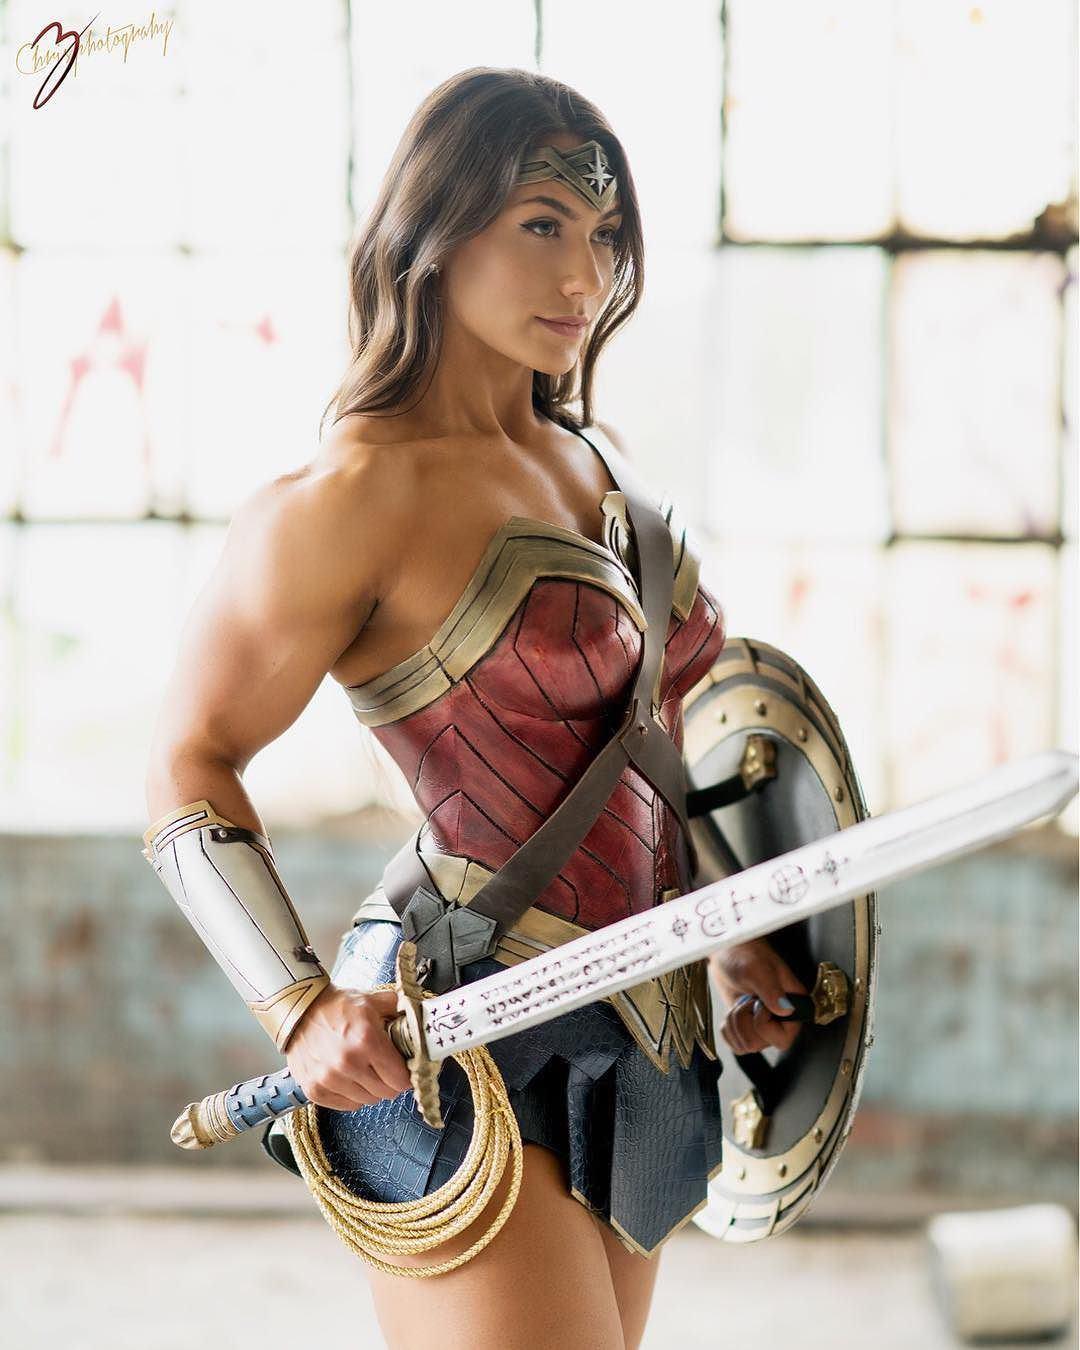 wonder-woman-cosplay-01.jpg